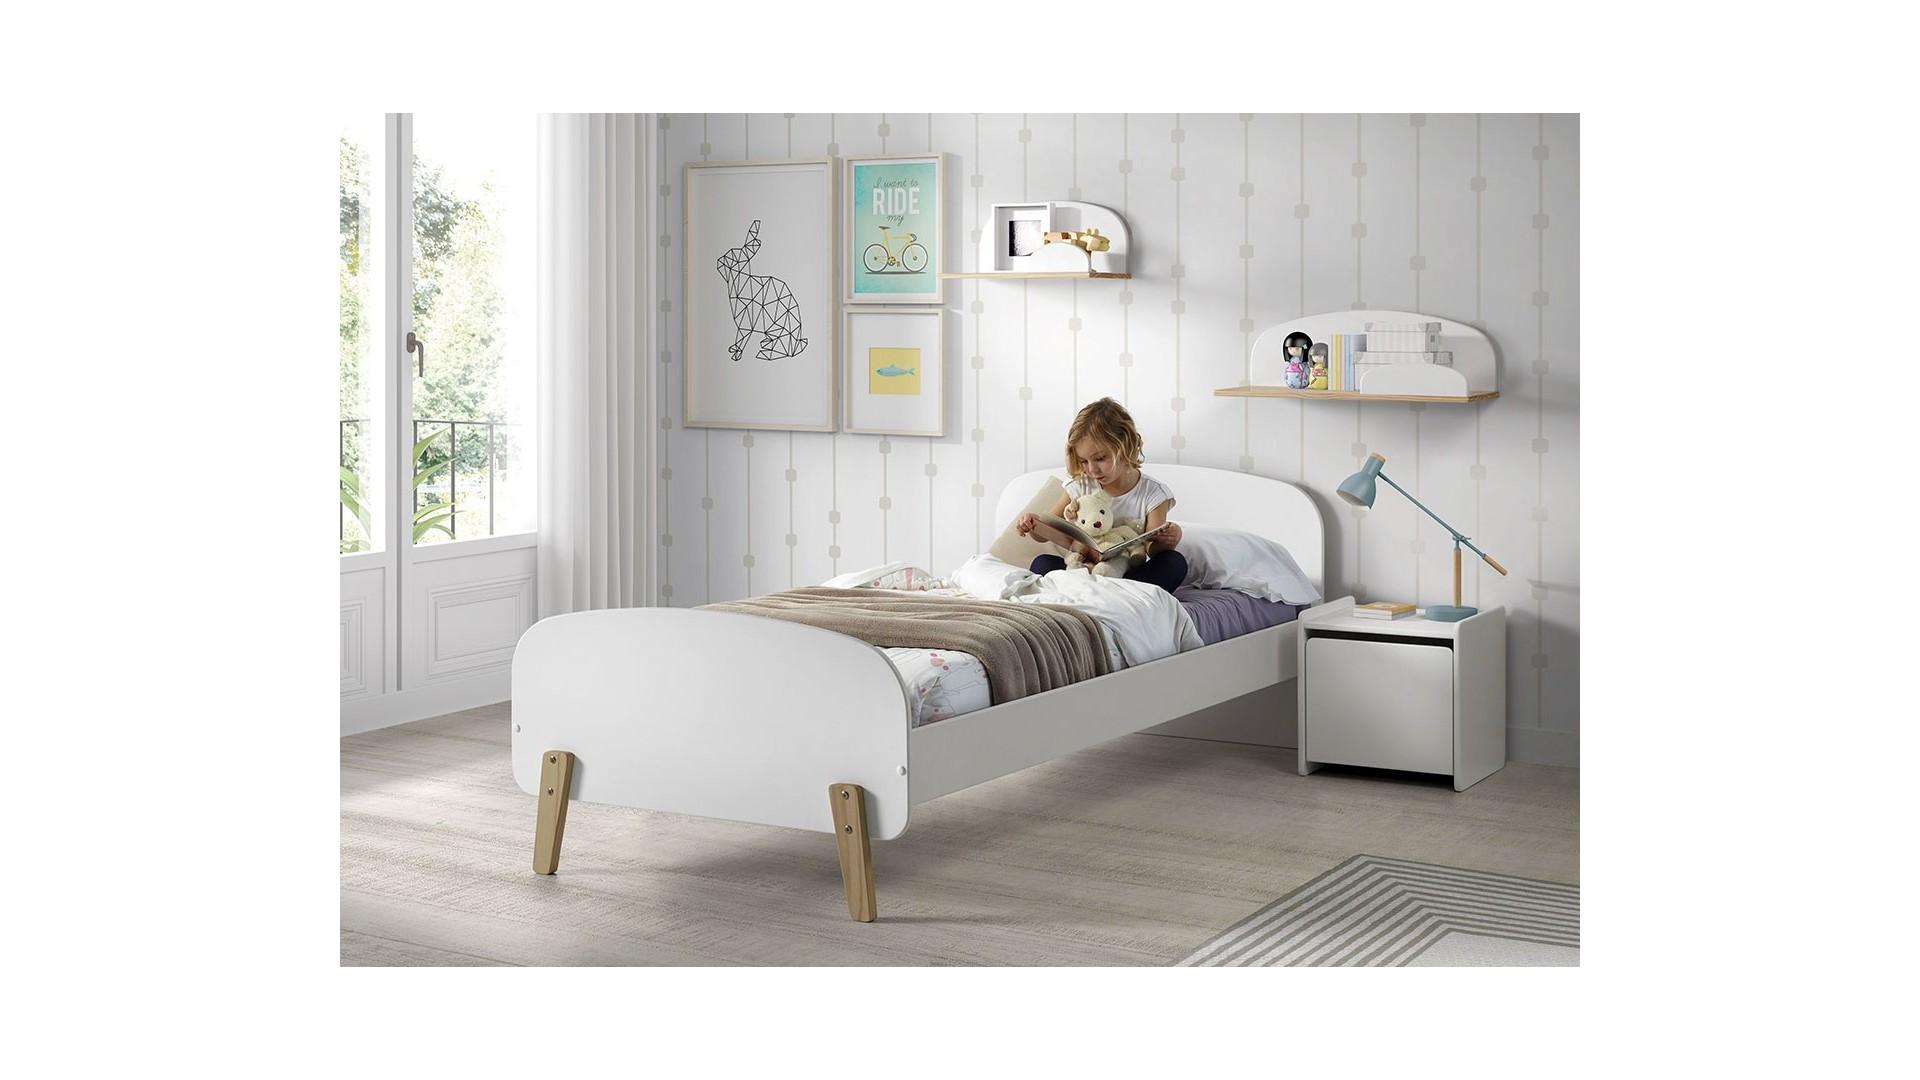 Lit pour enfant COPENHAGUE 90x200 cm- SONUIT